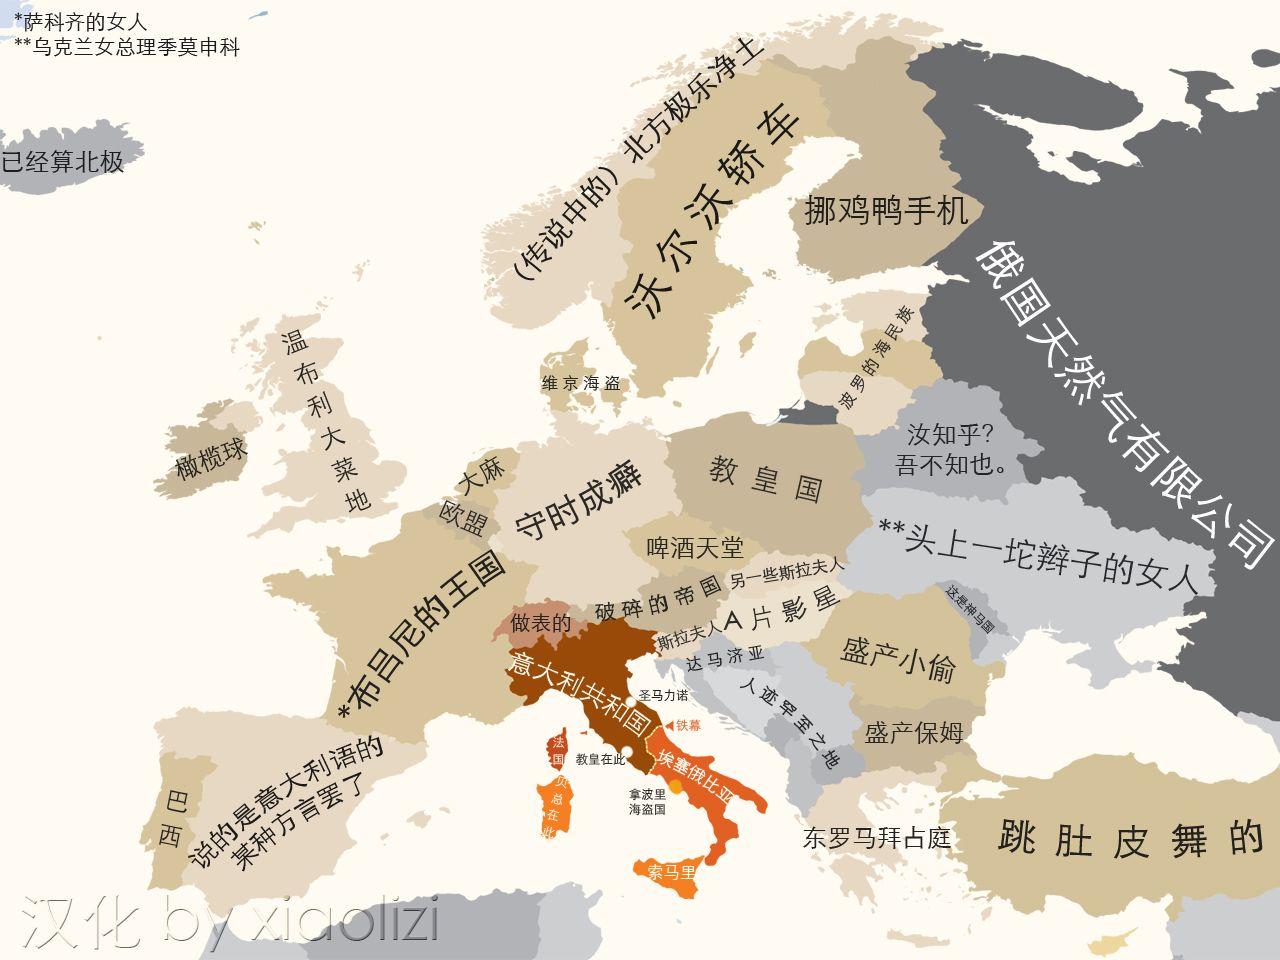 欧洲地形图手绘简图